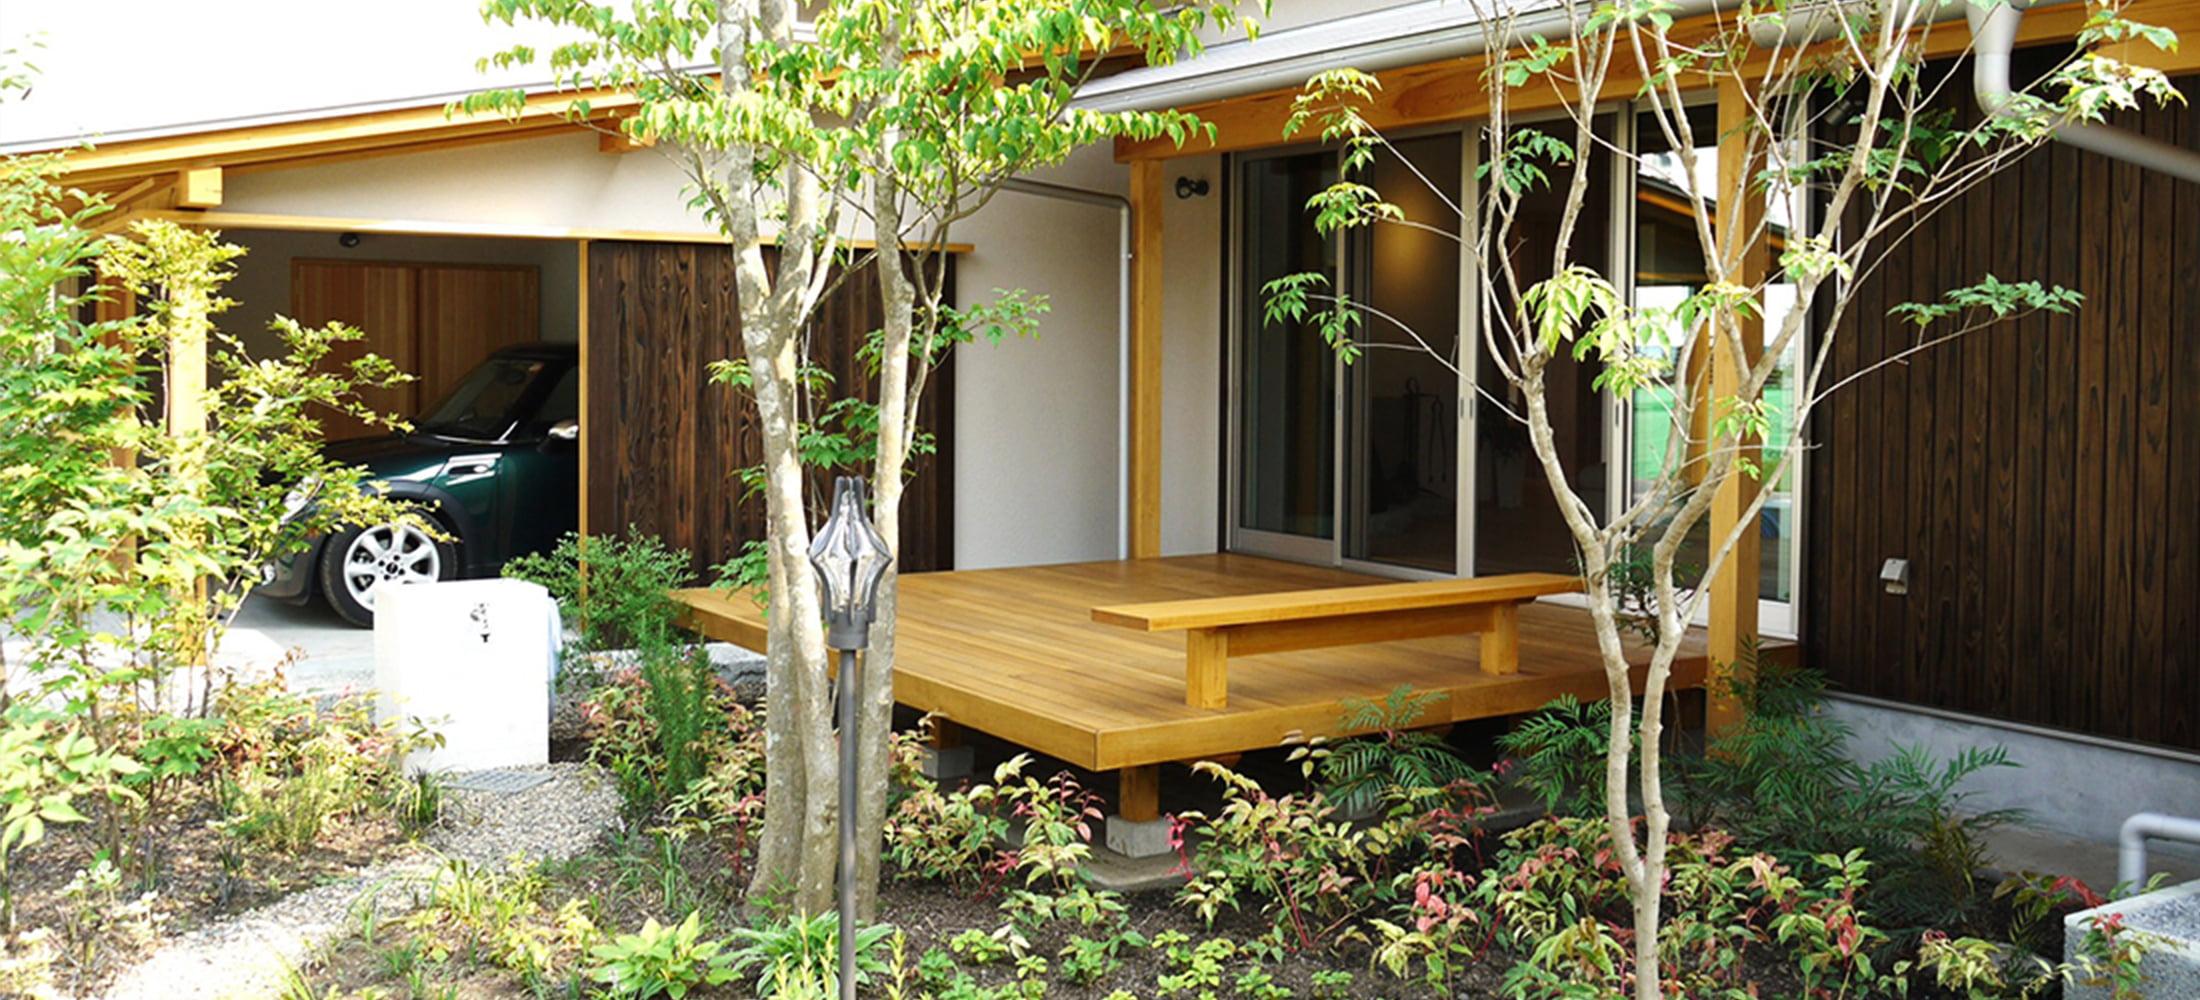 TAKAHASHI / 株式会社高橋造園 住宅のテイストを理解し、家と外構・エクステリア・庭の調和を目指す